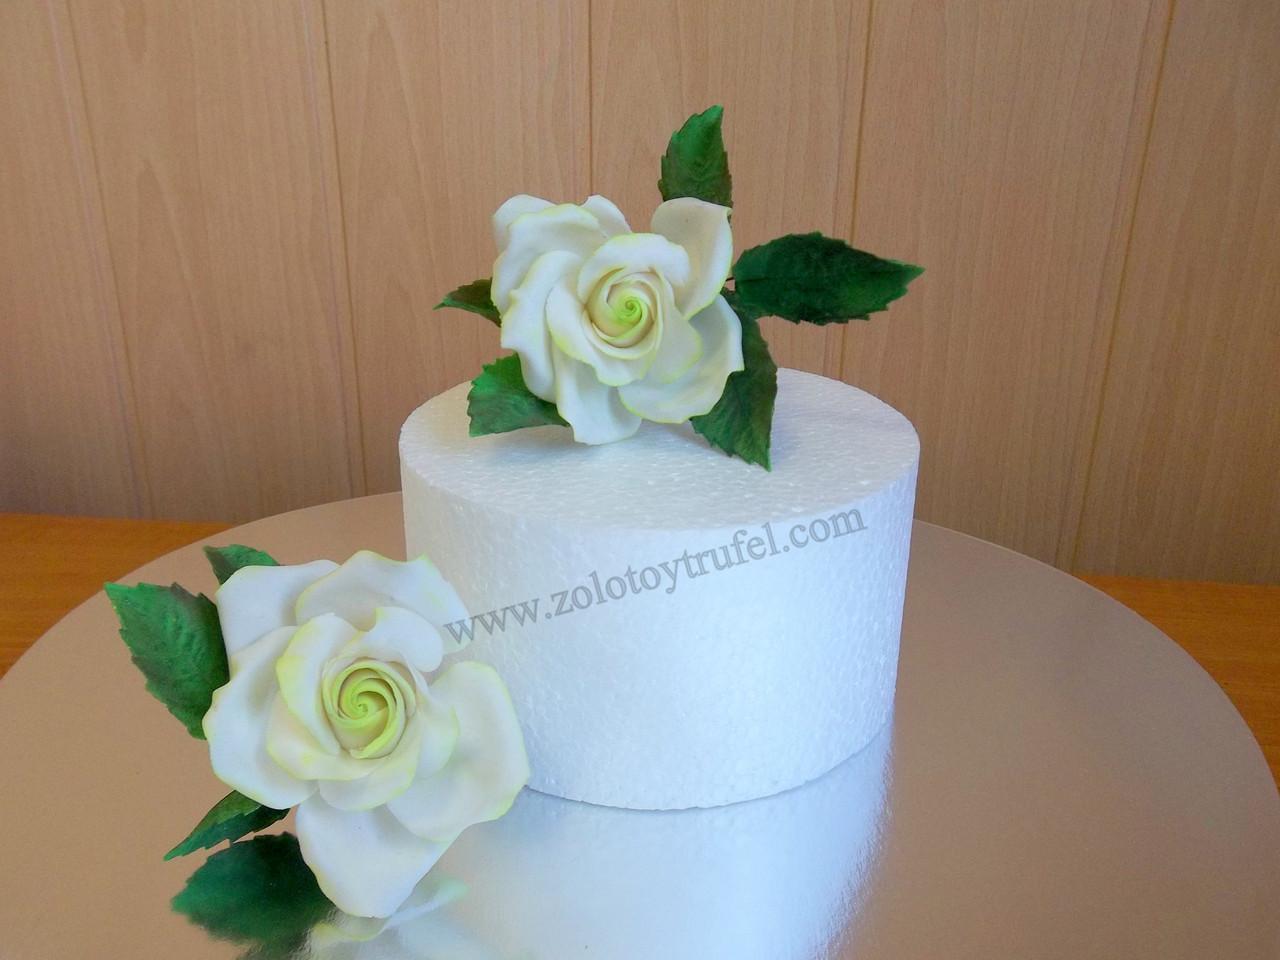 Муляж для торта из пенопласта - круг Ф 28 см h 10 см